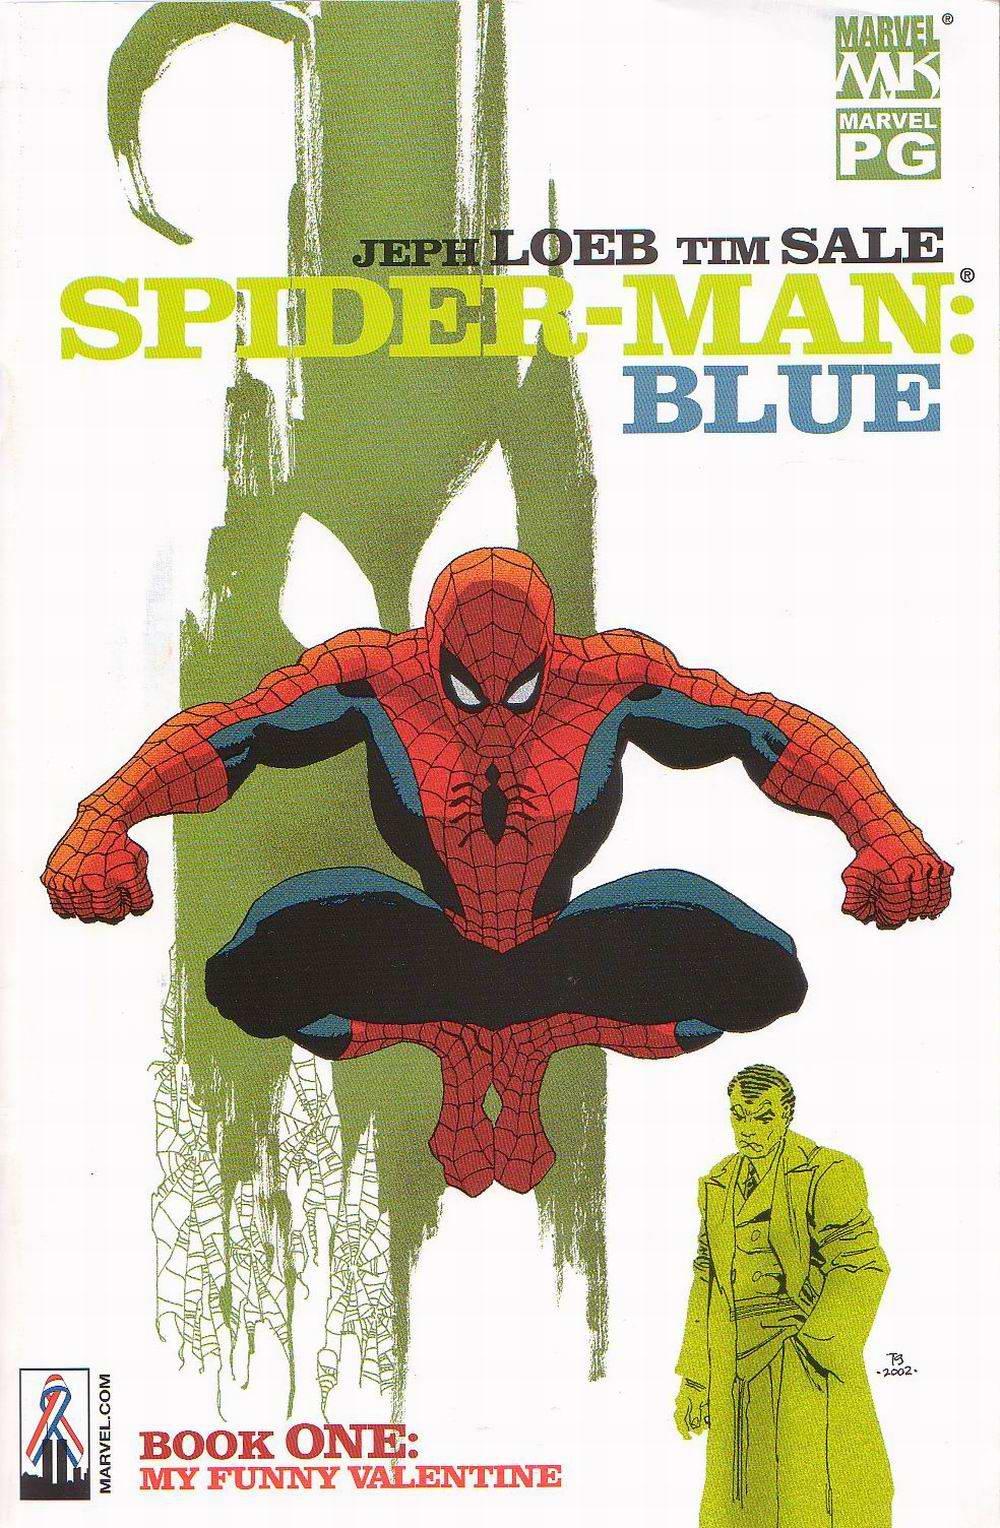 Человек-паук: Рейми или Уэбб? | Канобу - Изображение 5